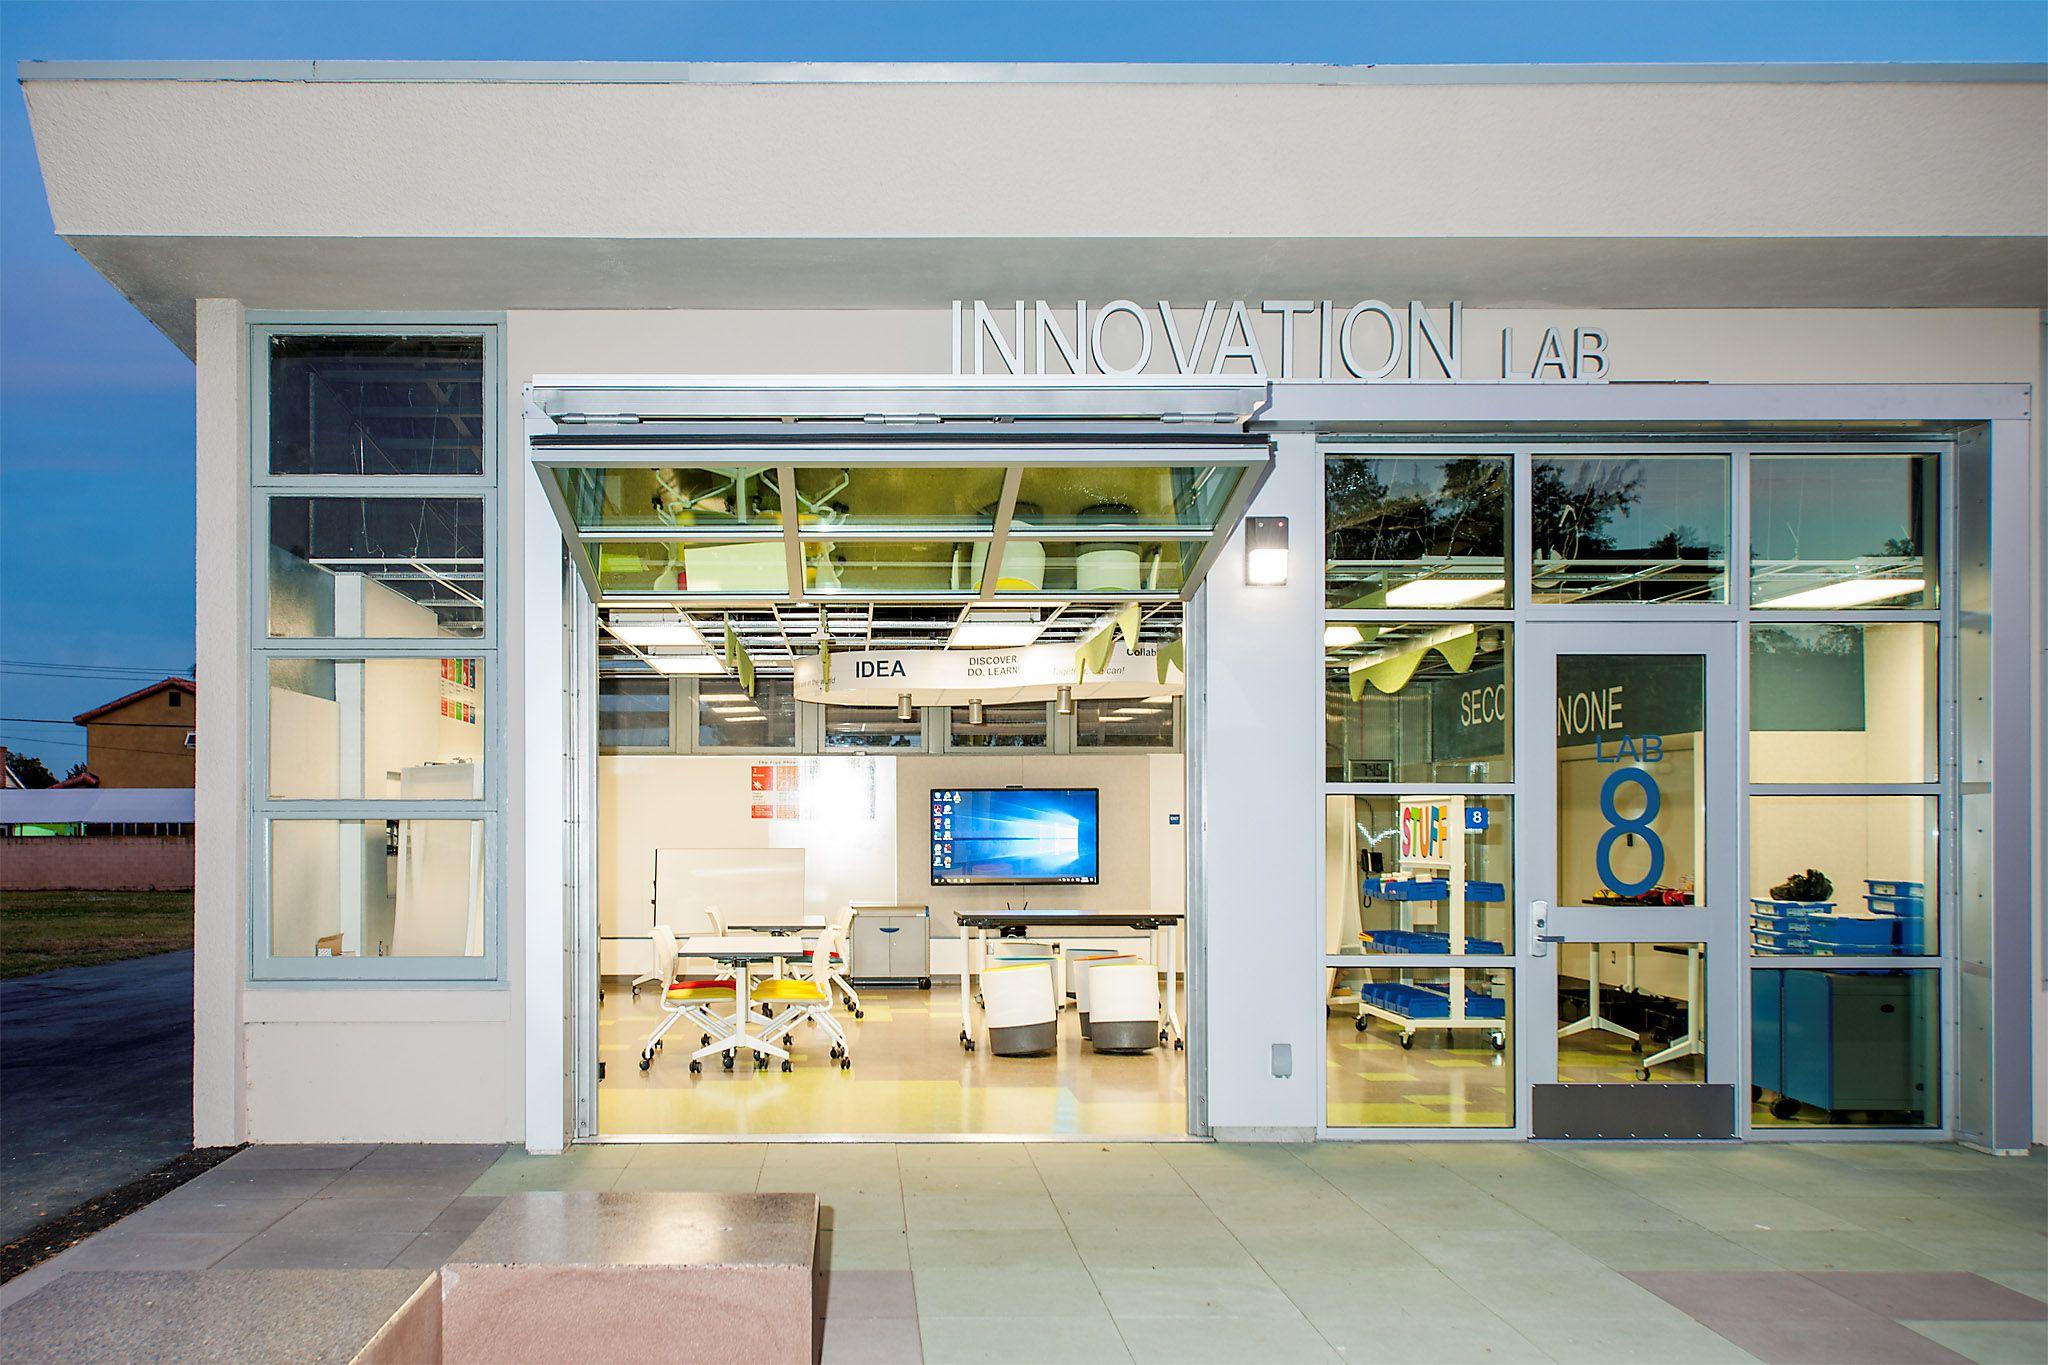 Rio Vista Elementary School Pico Rivera Ca Innovation Lab Innovation Elementary Schools